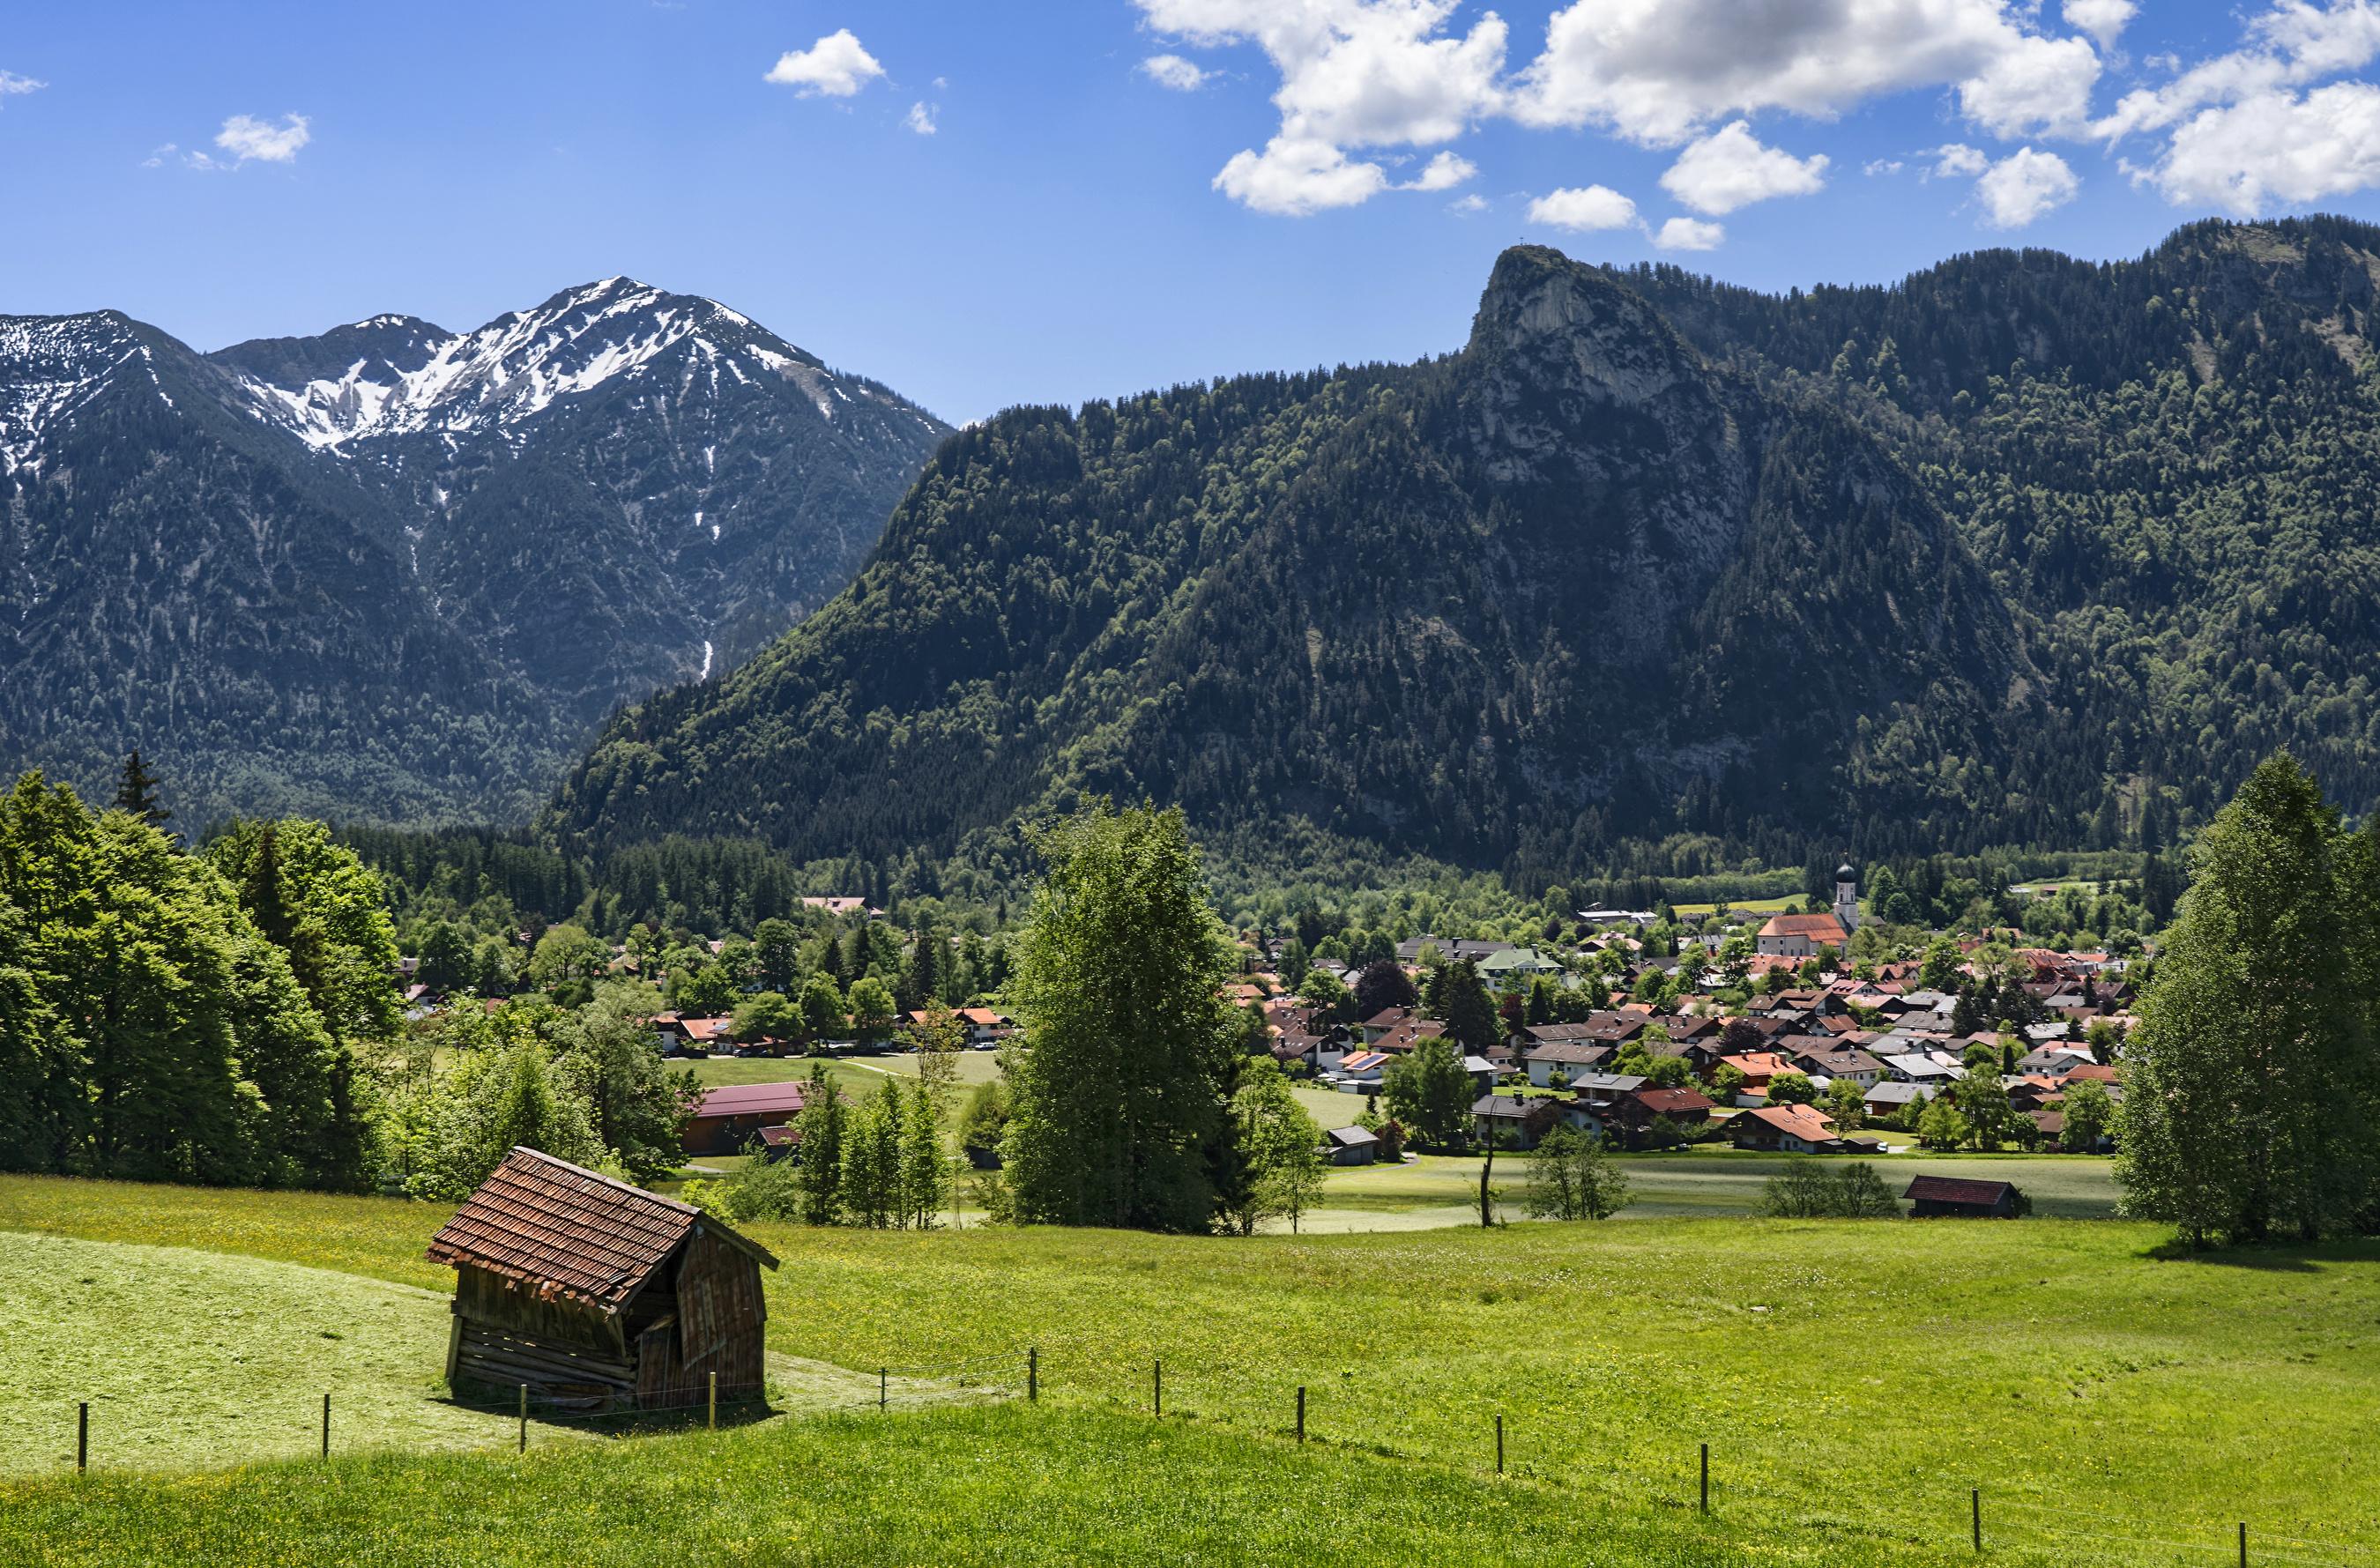 Картинка Бавария Германия Oberammergau гора Дома Города Деревья 2700x1780 Горы город Здания дерево дерева деревьев